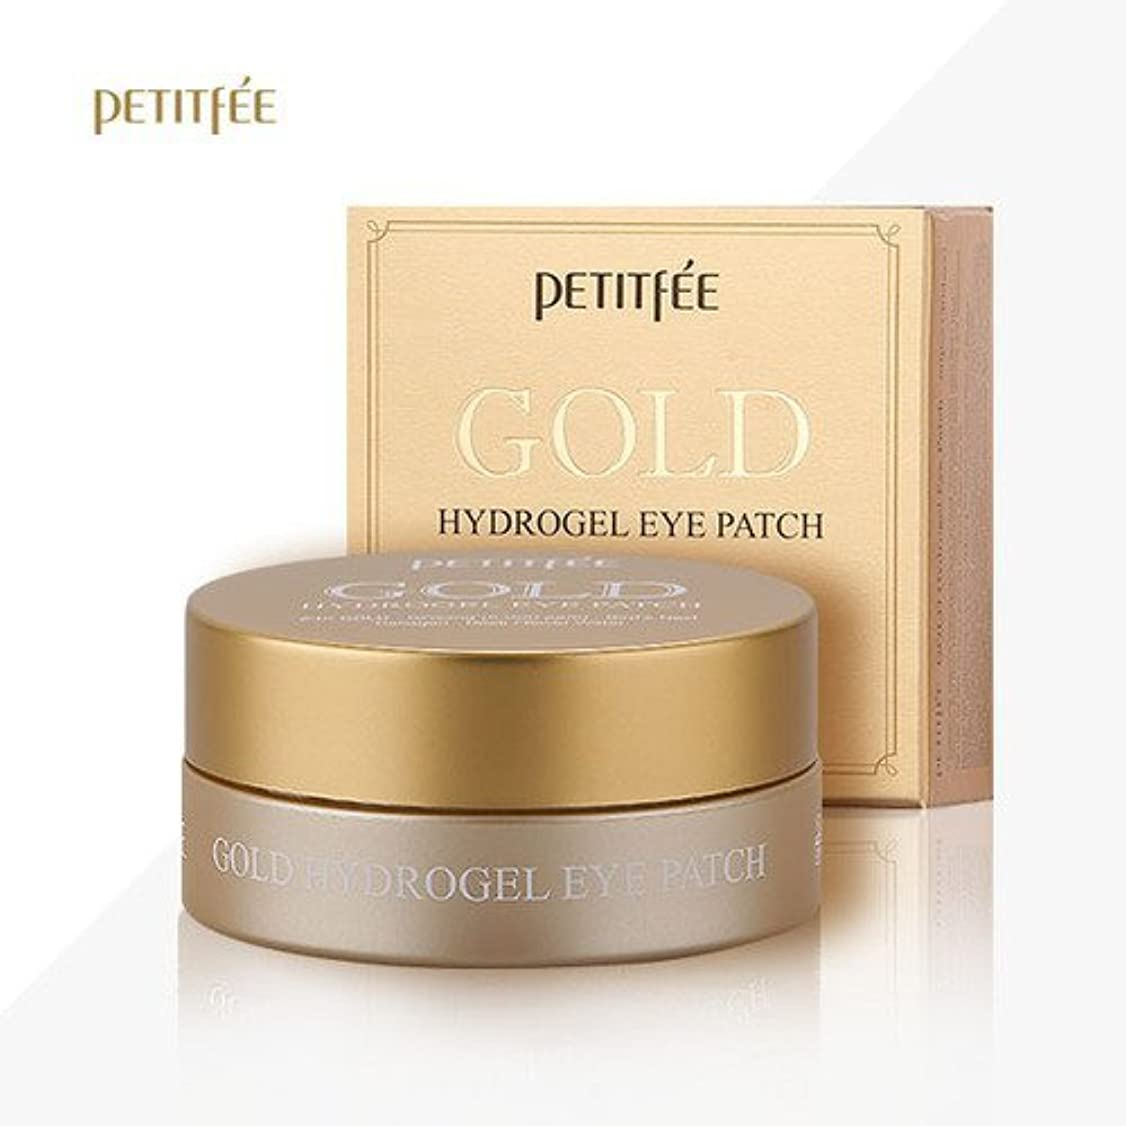 波紋払い戻し隣人PETITFEE(プチペ)ゴールドハイドロゲルアイパチ(60枚)/ Petitfee Gold Hydrogel Eye Patch (60Sheets) [並行輸入品]